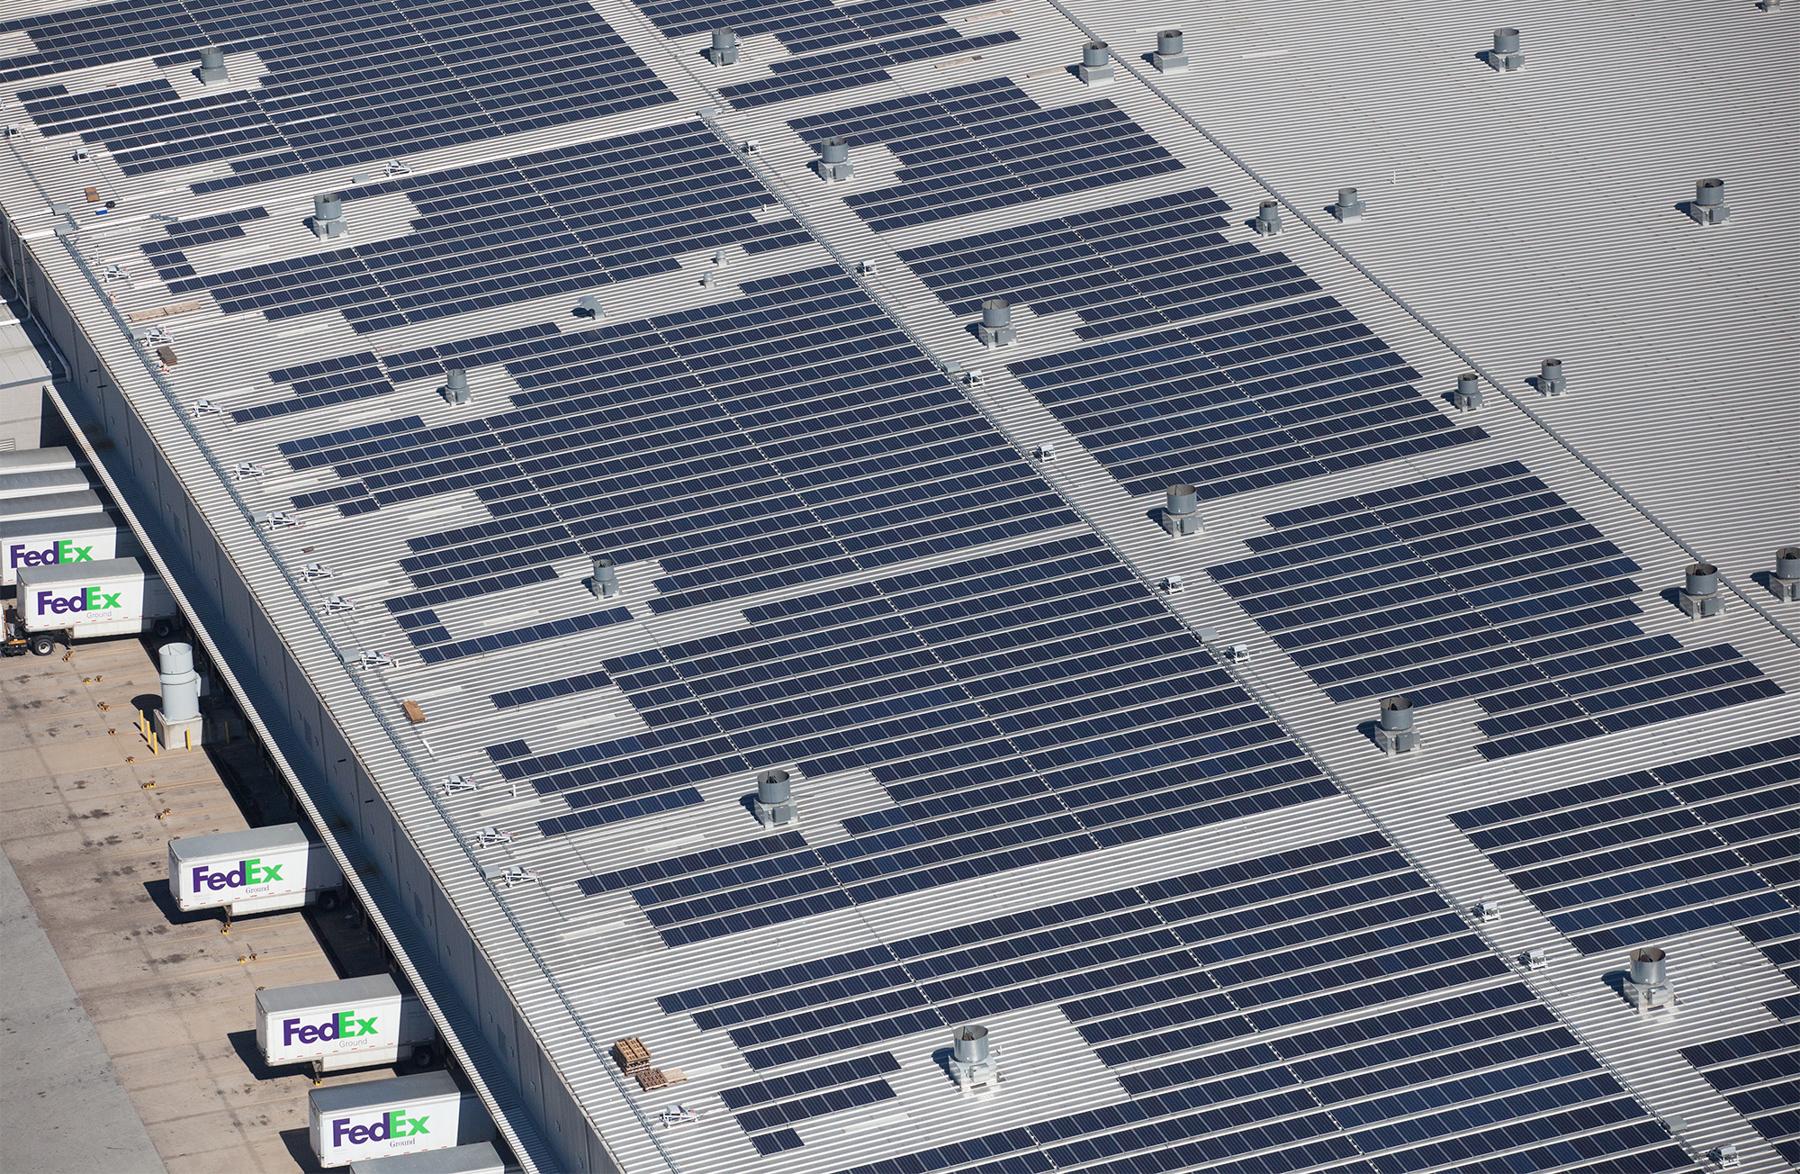 Vista aérea de caminhões de entrega estacionados ao lado de grande edifício com painéis solares cobrindo o telhado (FedEx)